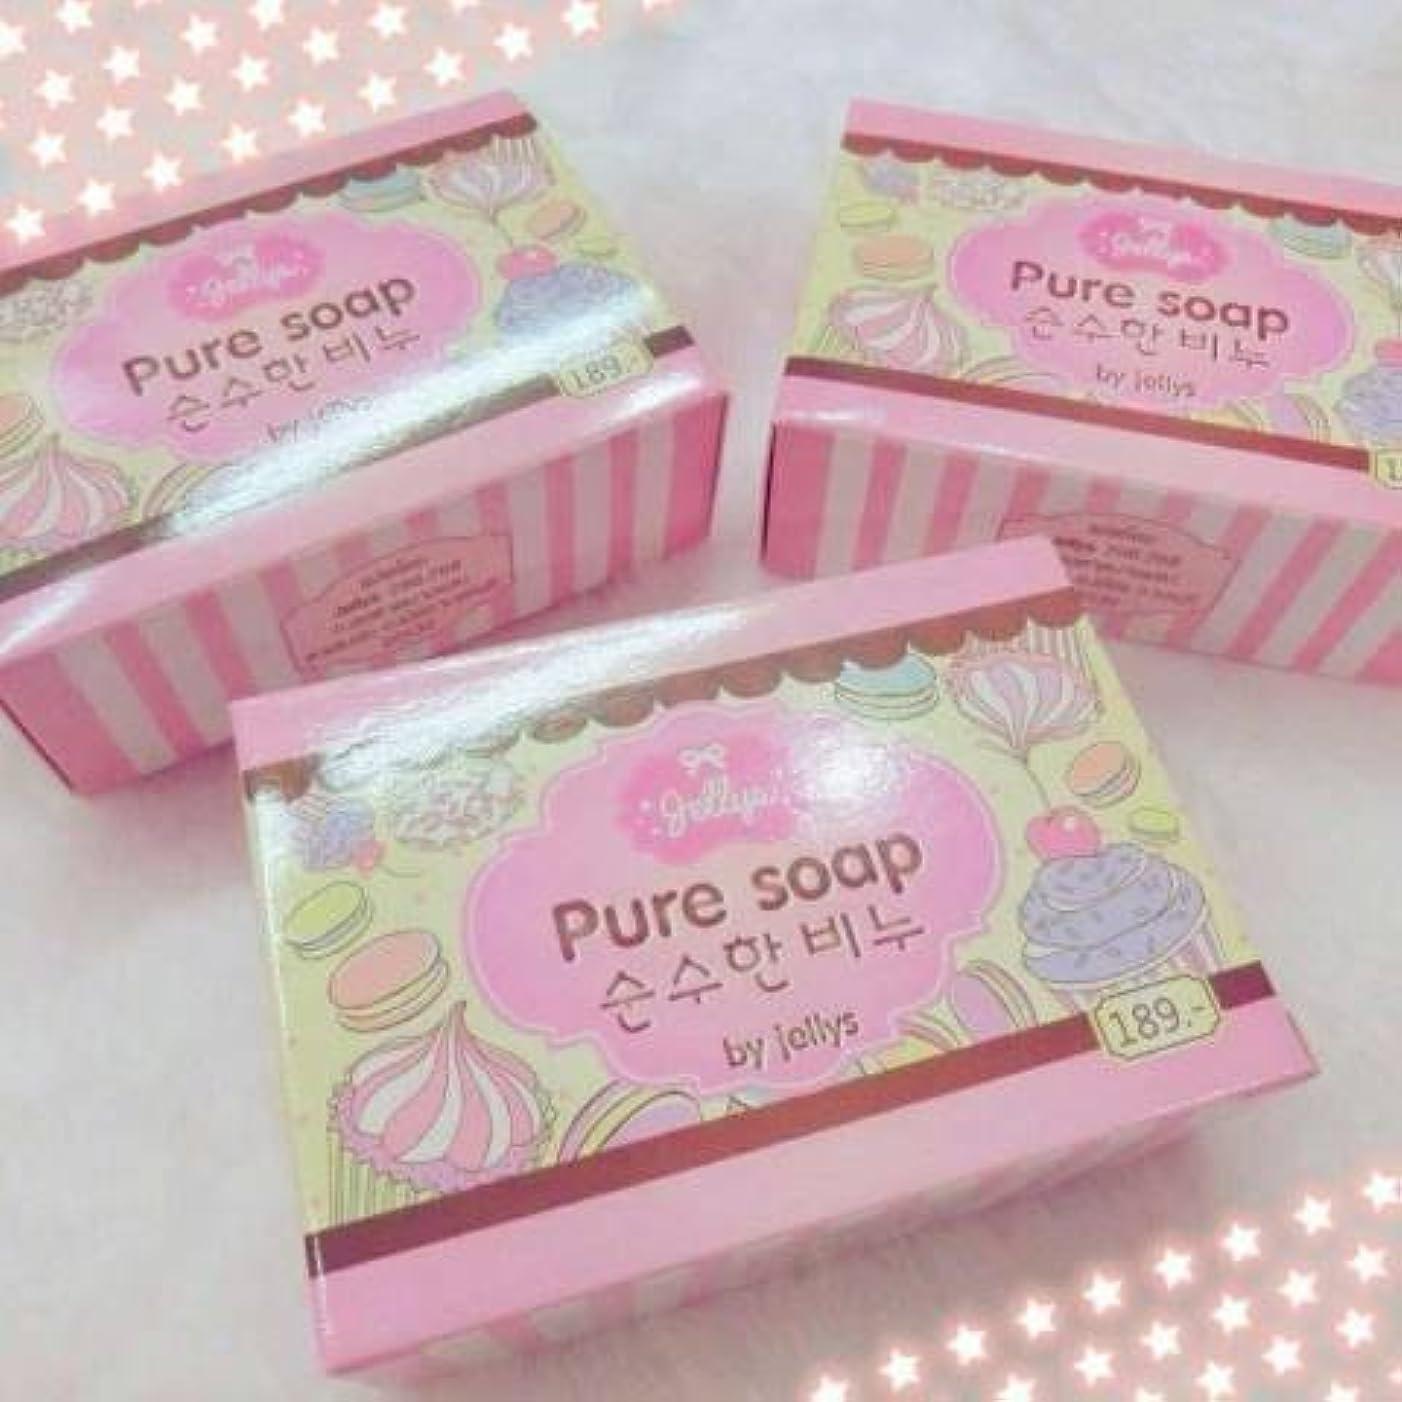 キャンペーン倉庫効率Pure Soap By Jellys 100% Pure White Jelly Soap. Whitening Soap. 100 g.